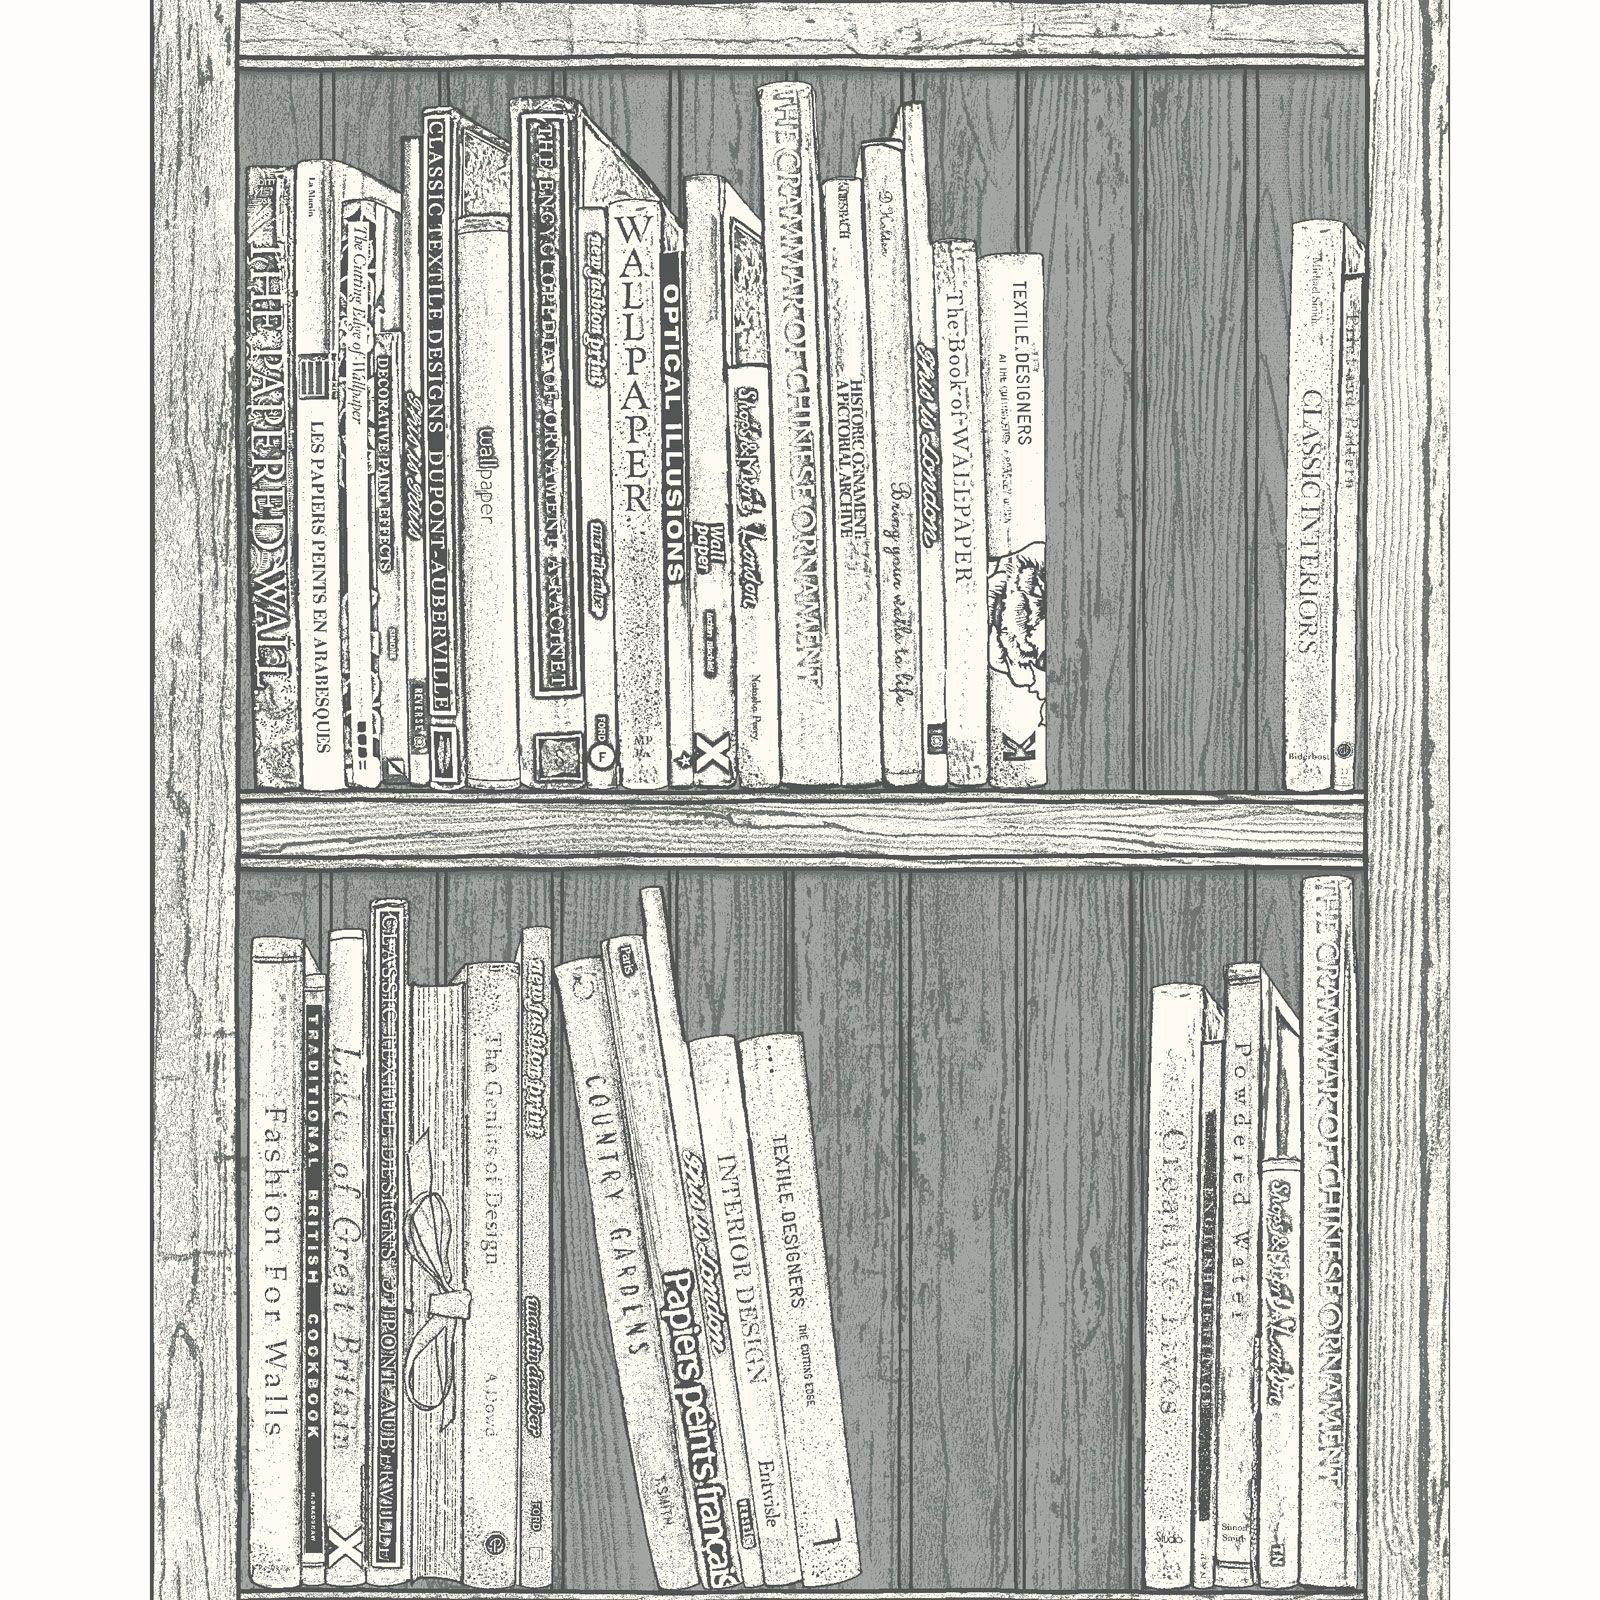 Papier Peint Motif Bibliotheque Differents Blanc Fonctionnalite